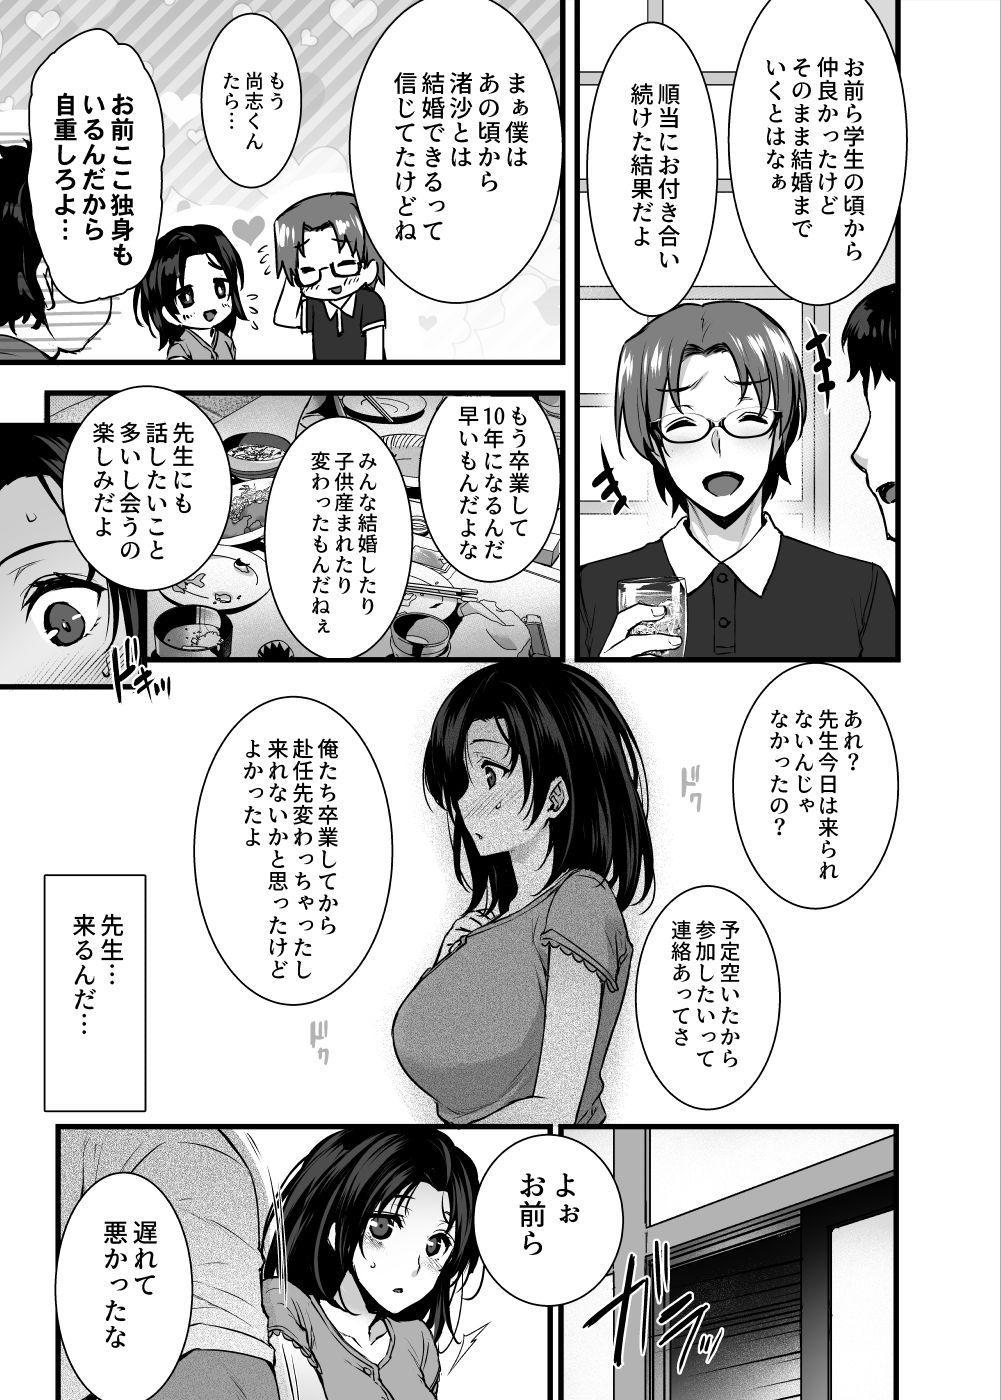 Tsuma no Hajimete no Otoko 3